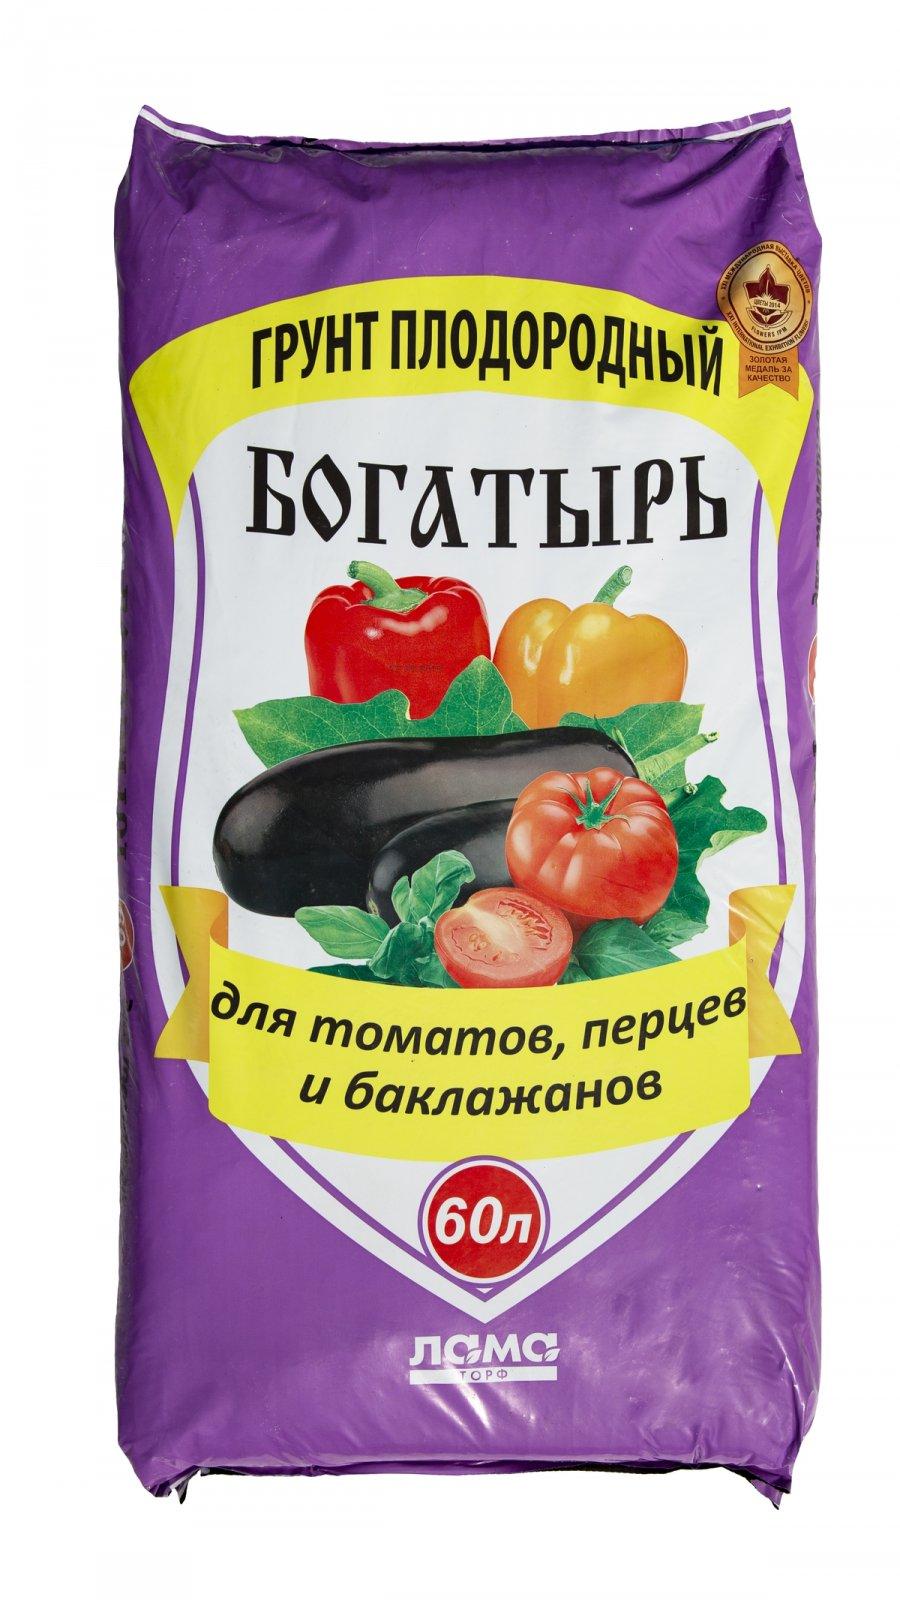 Грунт для томатов, перцев и баклажанов «Богатырь».